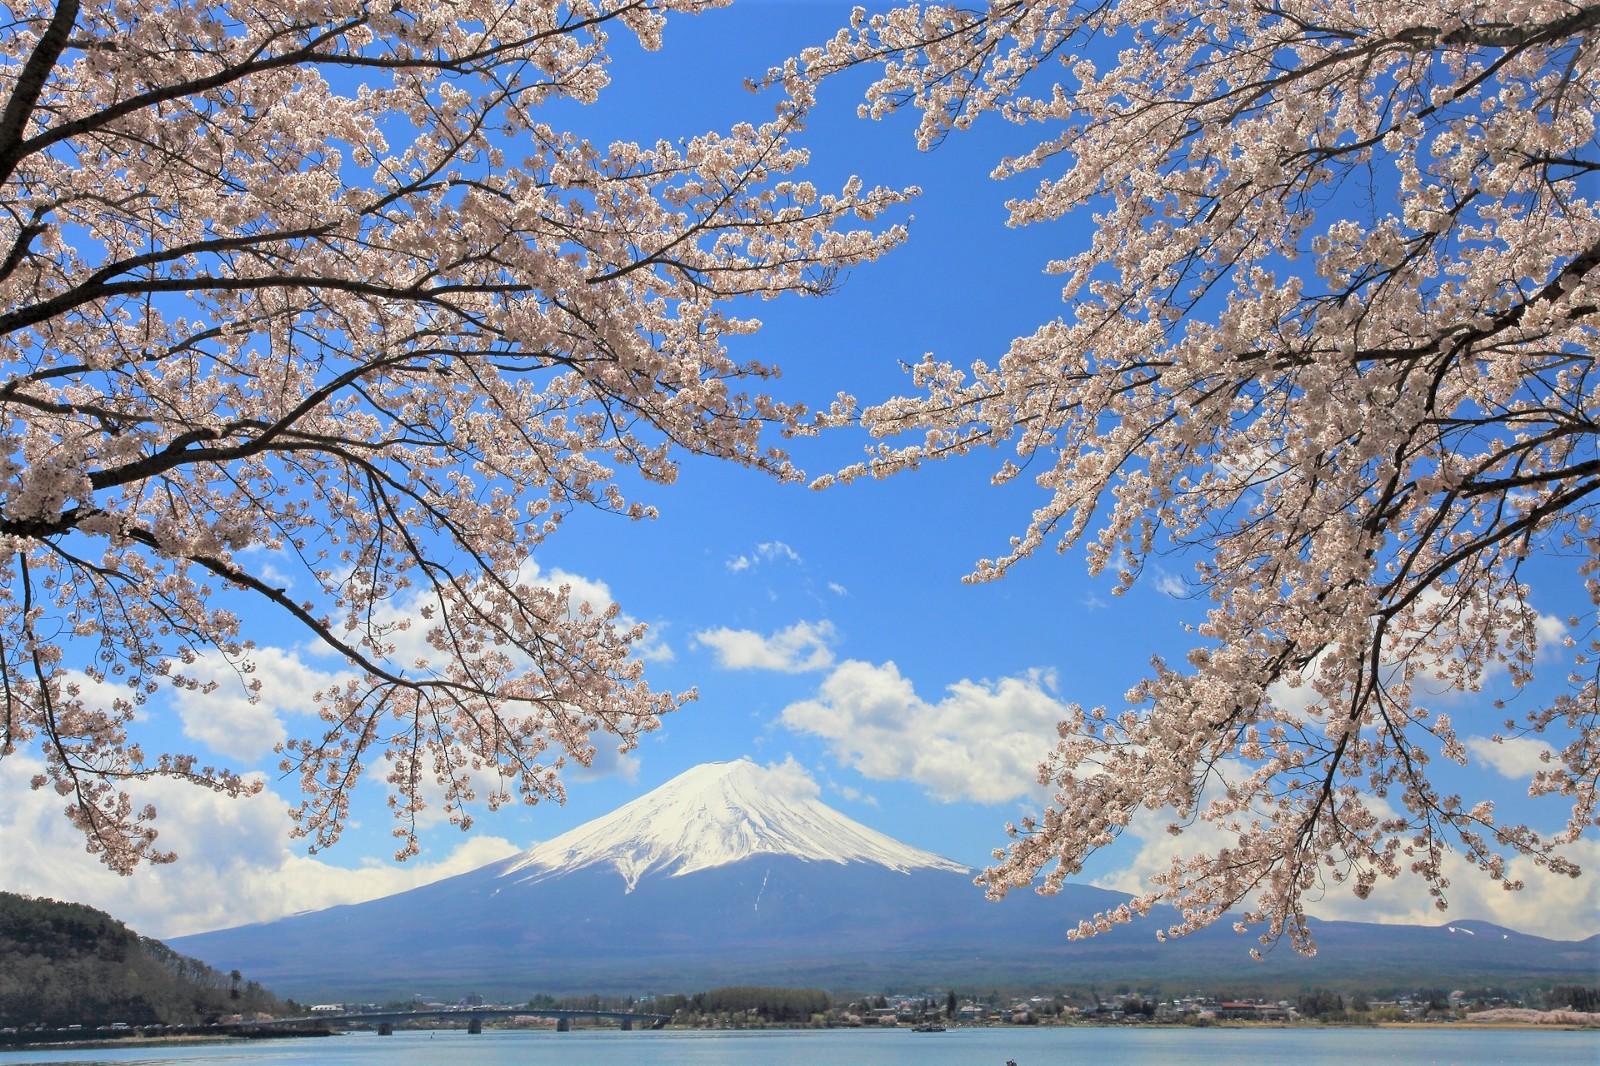 Fuji Kawaguchiko Cherry Blossom Festival 2021